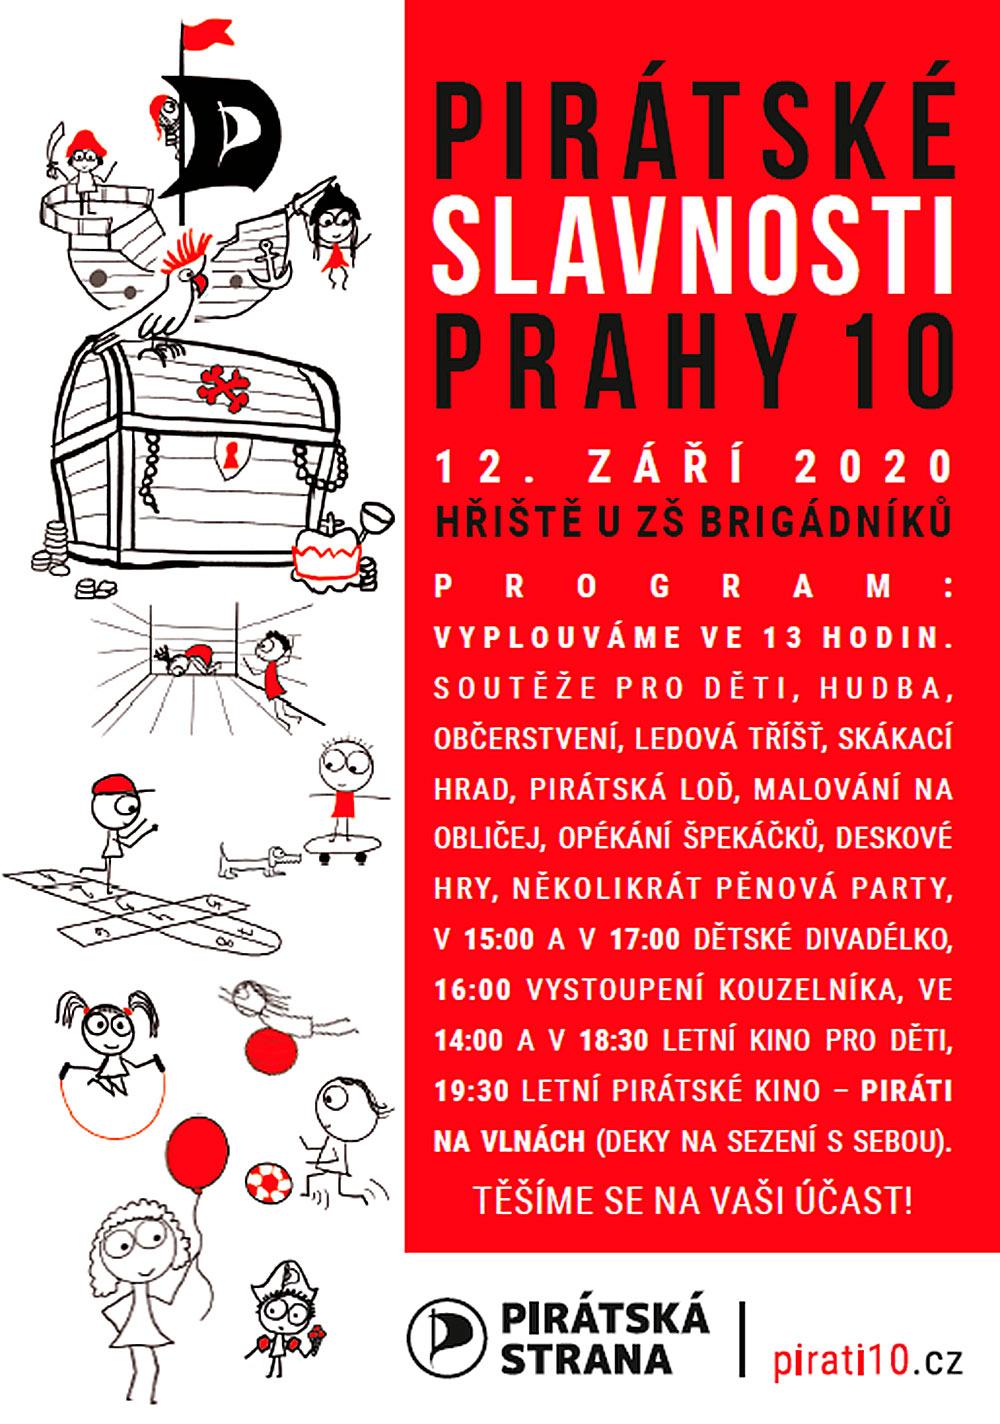 Pirátské slavnosti Praha 10 pozvánka na kouzelníka